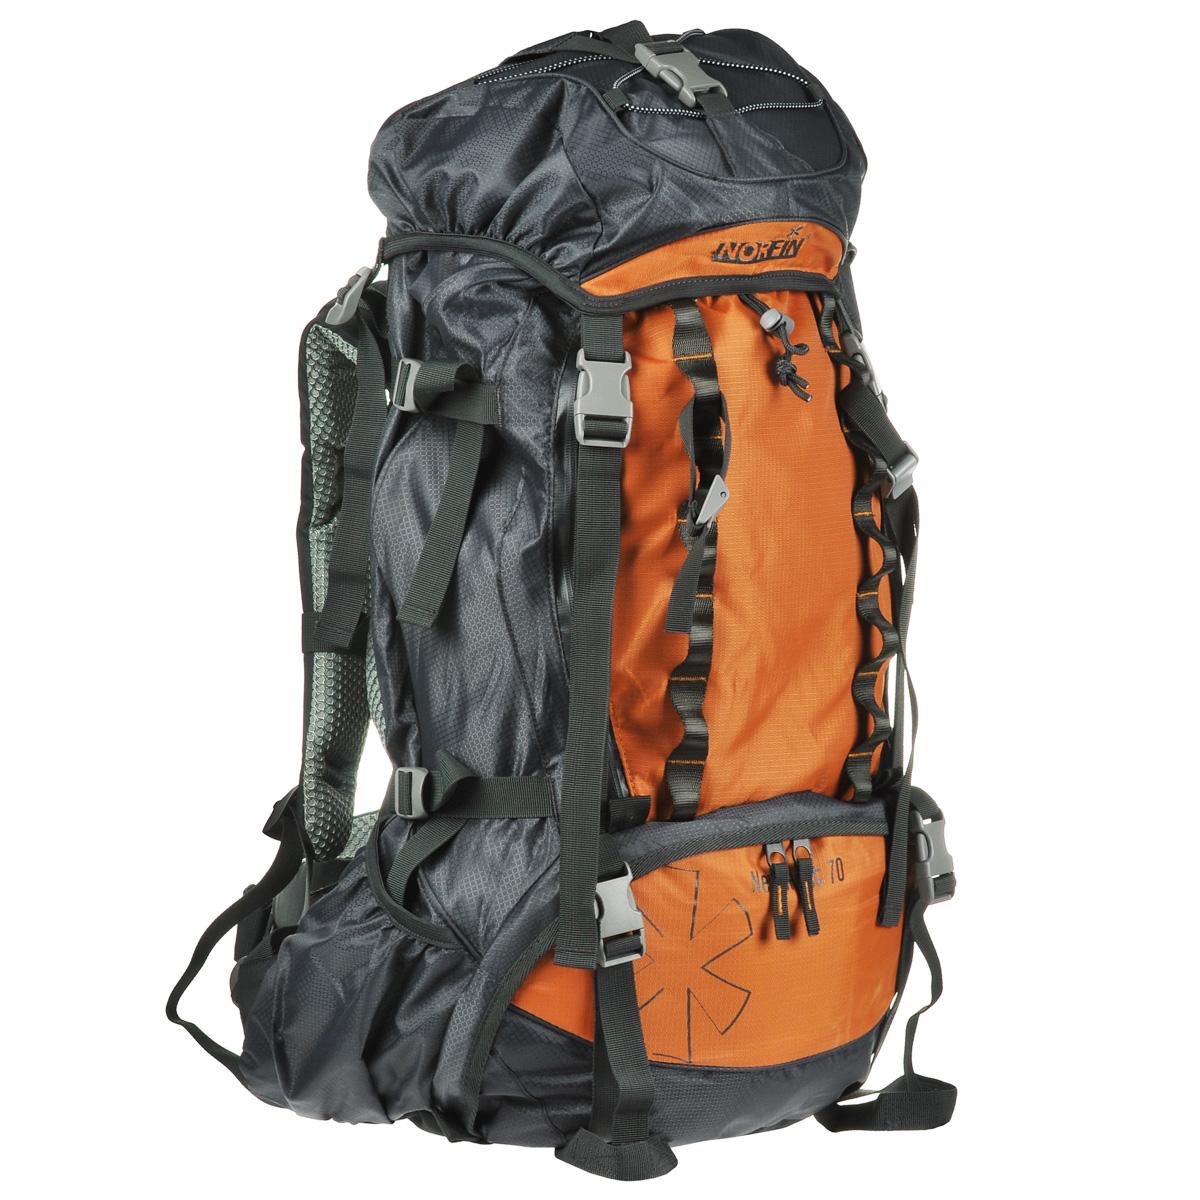 Рюкзак туристический Norfin NeweRest, цвет: серый, оранжевый, 70 лNS-40208Туристический функциональный 70-литровый рюкзак Norfin NeweRest отлично подойдет для походов и путешествий. Особенности рюкзака: Анатомический съемный пояс. Отлично сидит на бедрах, хорошо перераспределяет нагрузку Регулируемая подвесная система AL-R Грудная стяжка Алюминиевые латы Выход под питьевую систему Основное отделение с разделителем на молнии позволит удобно распределить содержимое рюкзака Помимо верхнего и нижнего входов в основное отделение, по всей передней части рюкзака проходит молния, которая раскрывает его как чемодан. Нижние боковые карманы для фиксирования длинномерных грузов имеют боковые стяжки Плавающий верхний клапан с внешним и внутренним карманами Чехол-дождевик в кармане на дне Возможность крепления трекинговых палок.